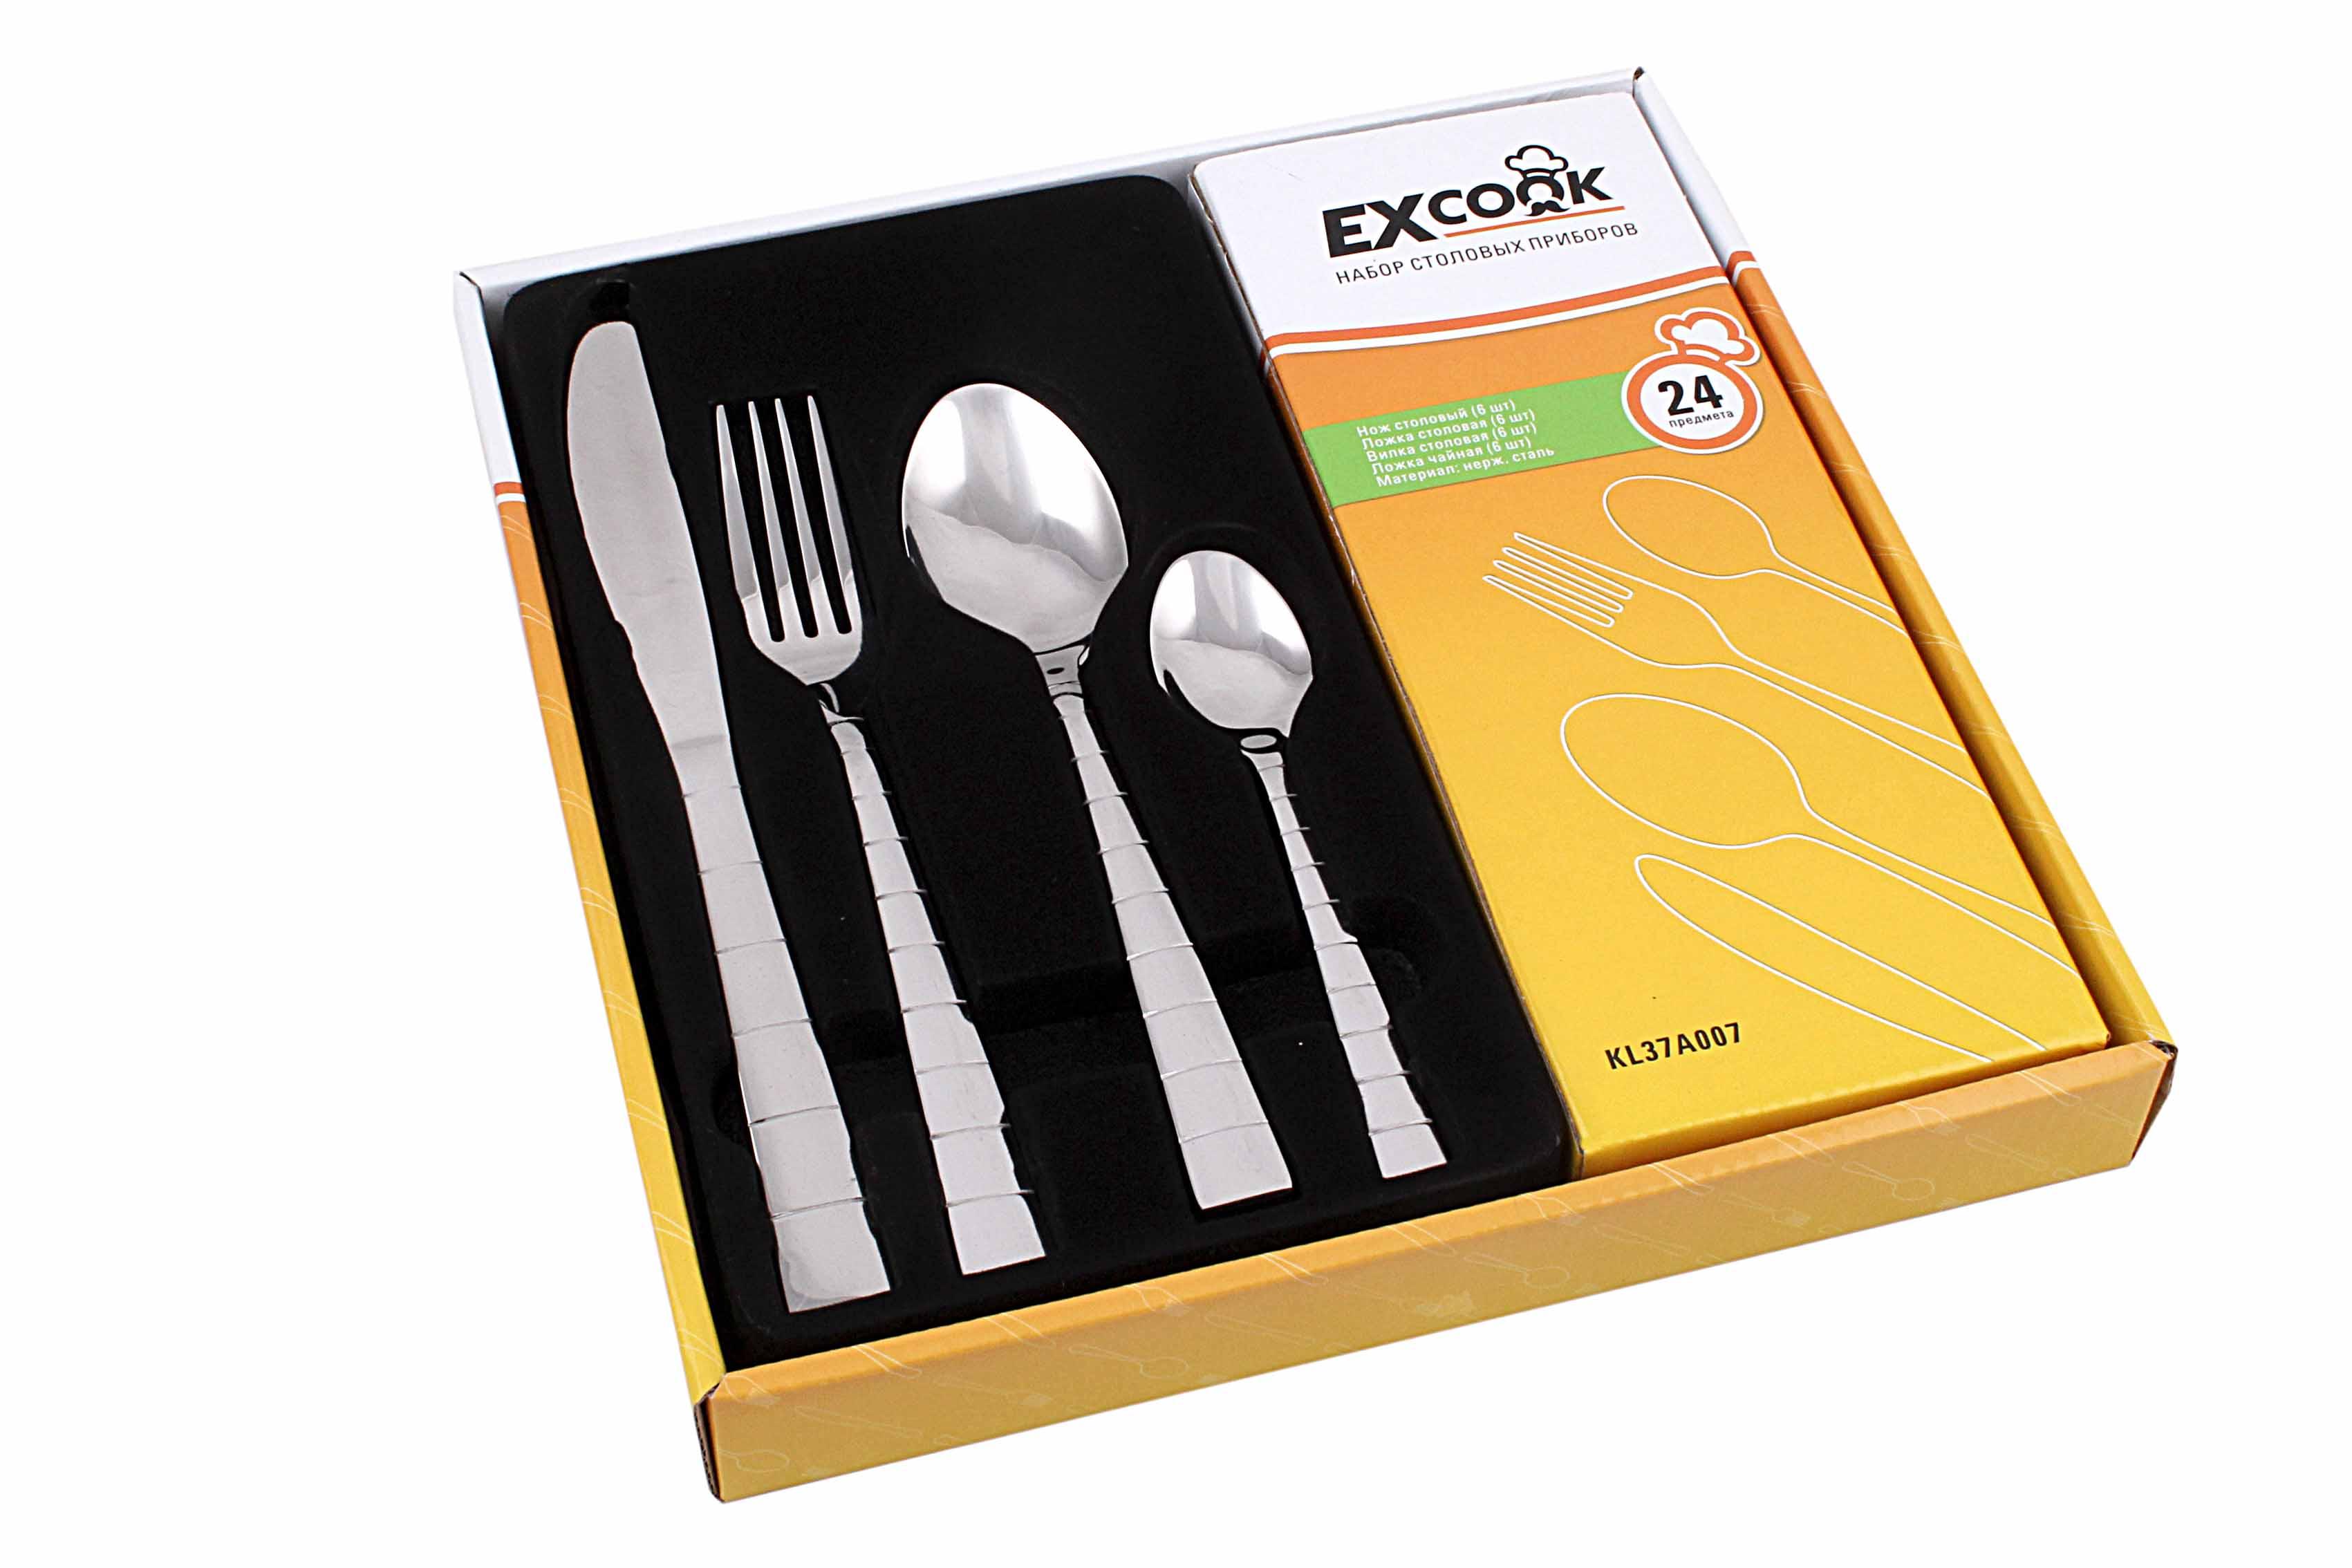 Набор столовых приборов Excook